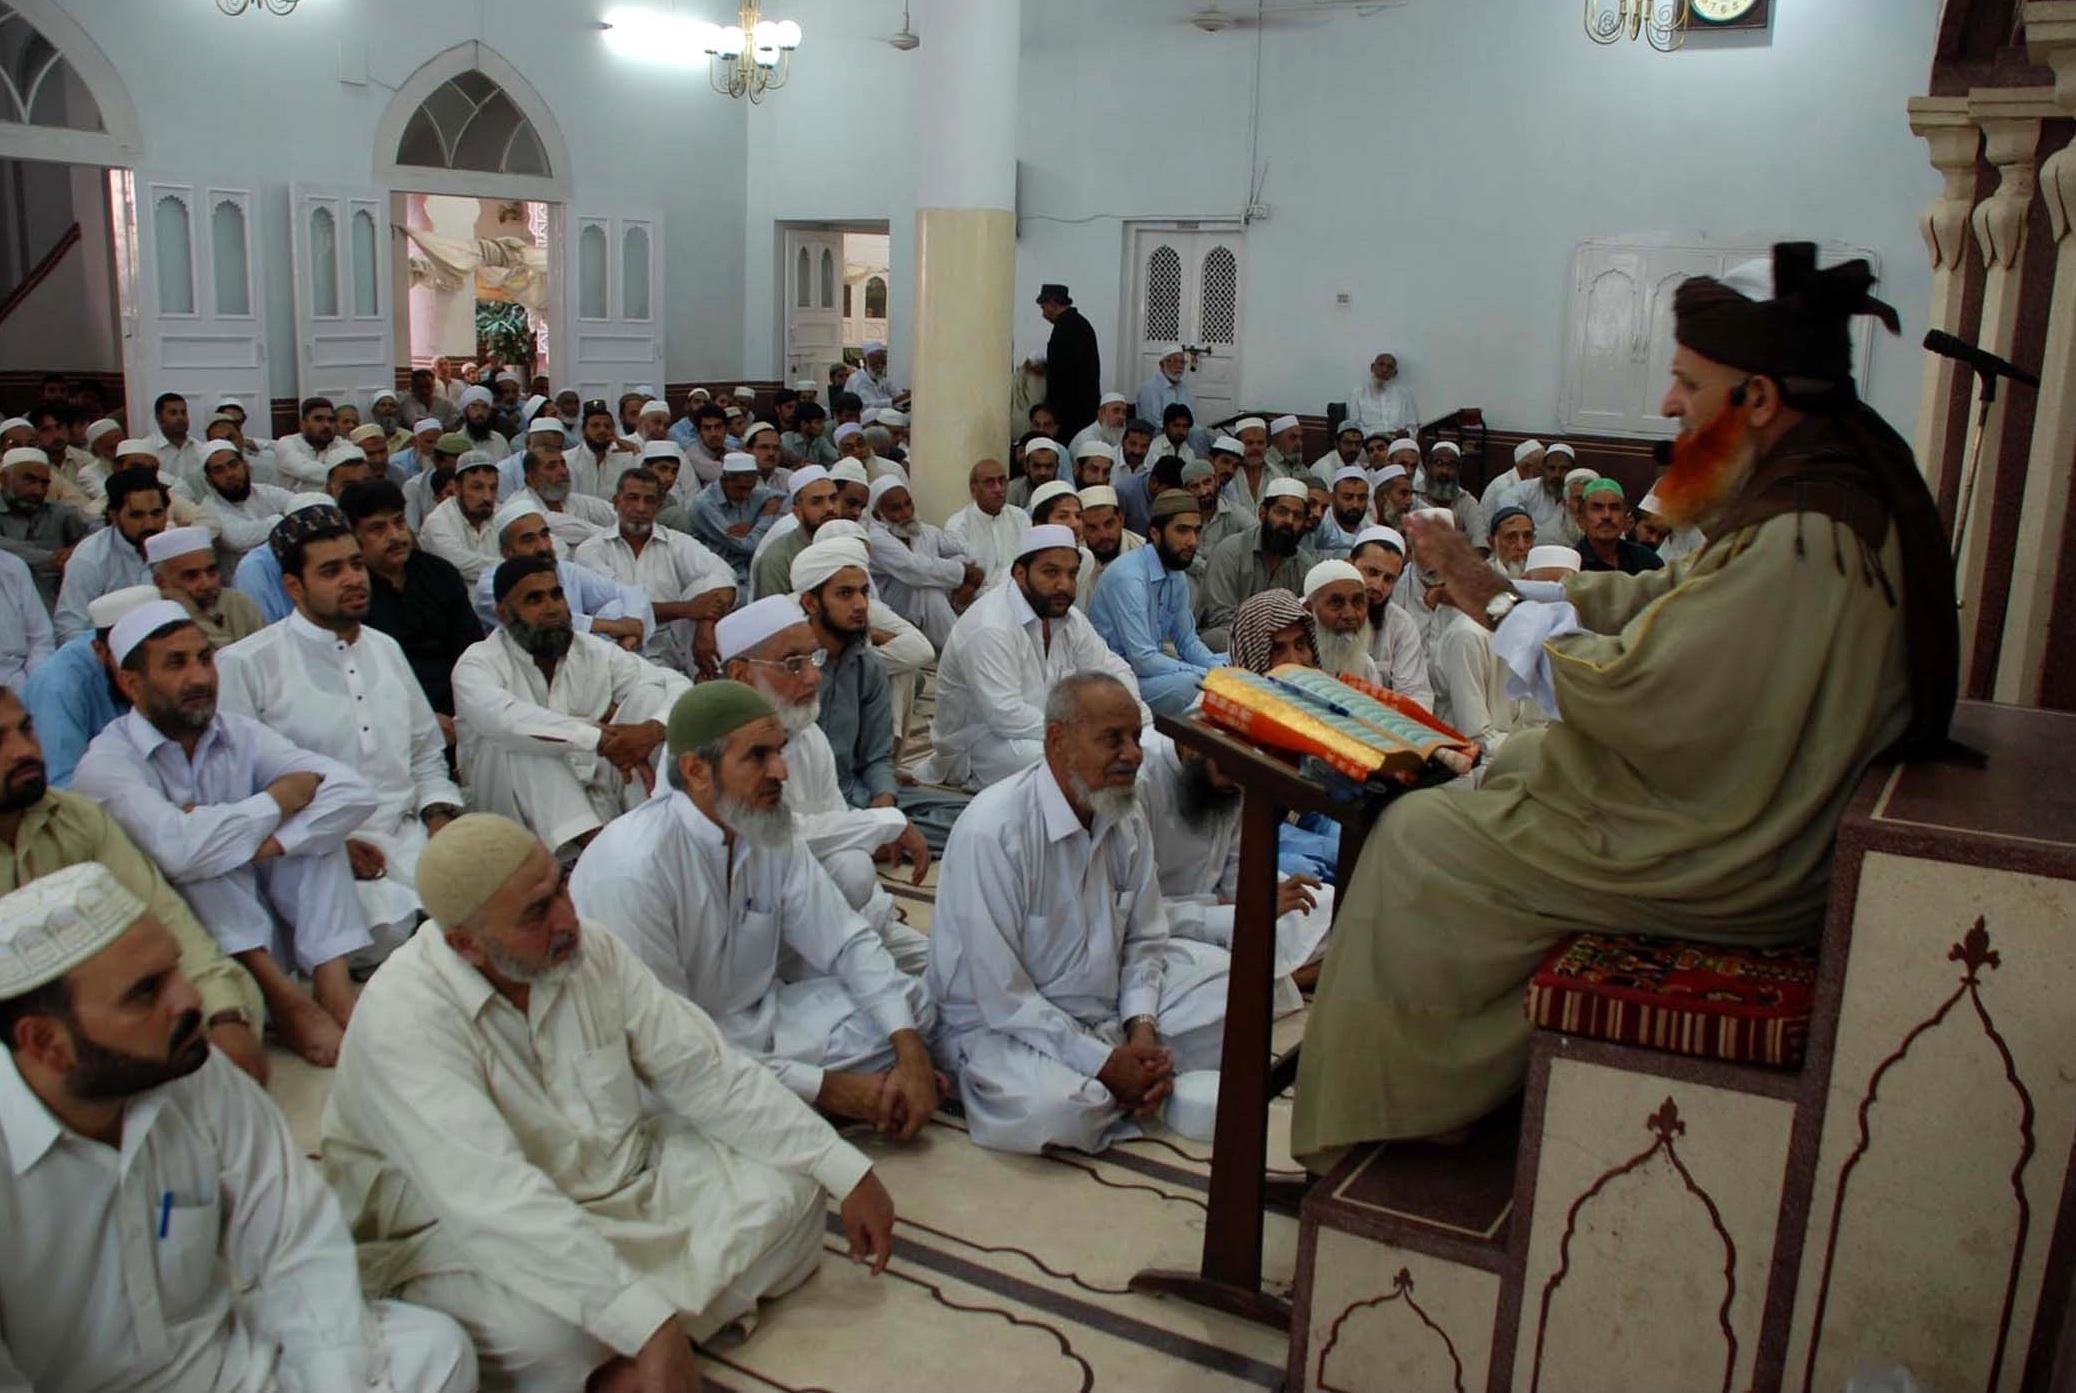 کے پی کے حکام نے اہل اماموں کے لیے اعزازیہ منظور کیا